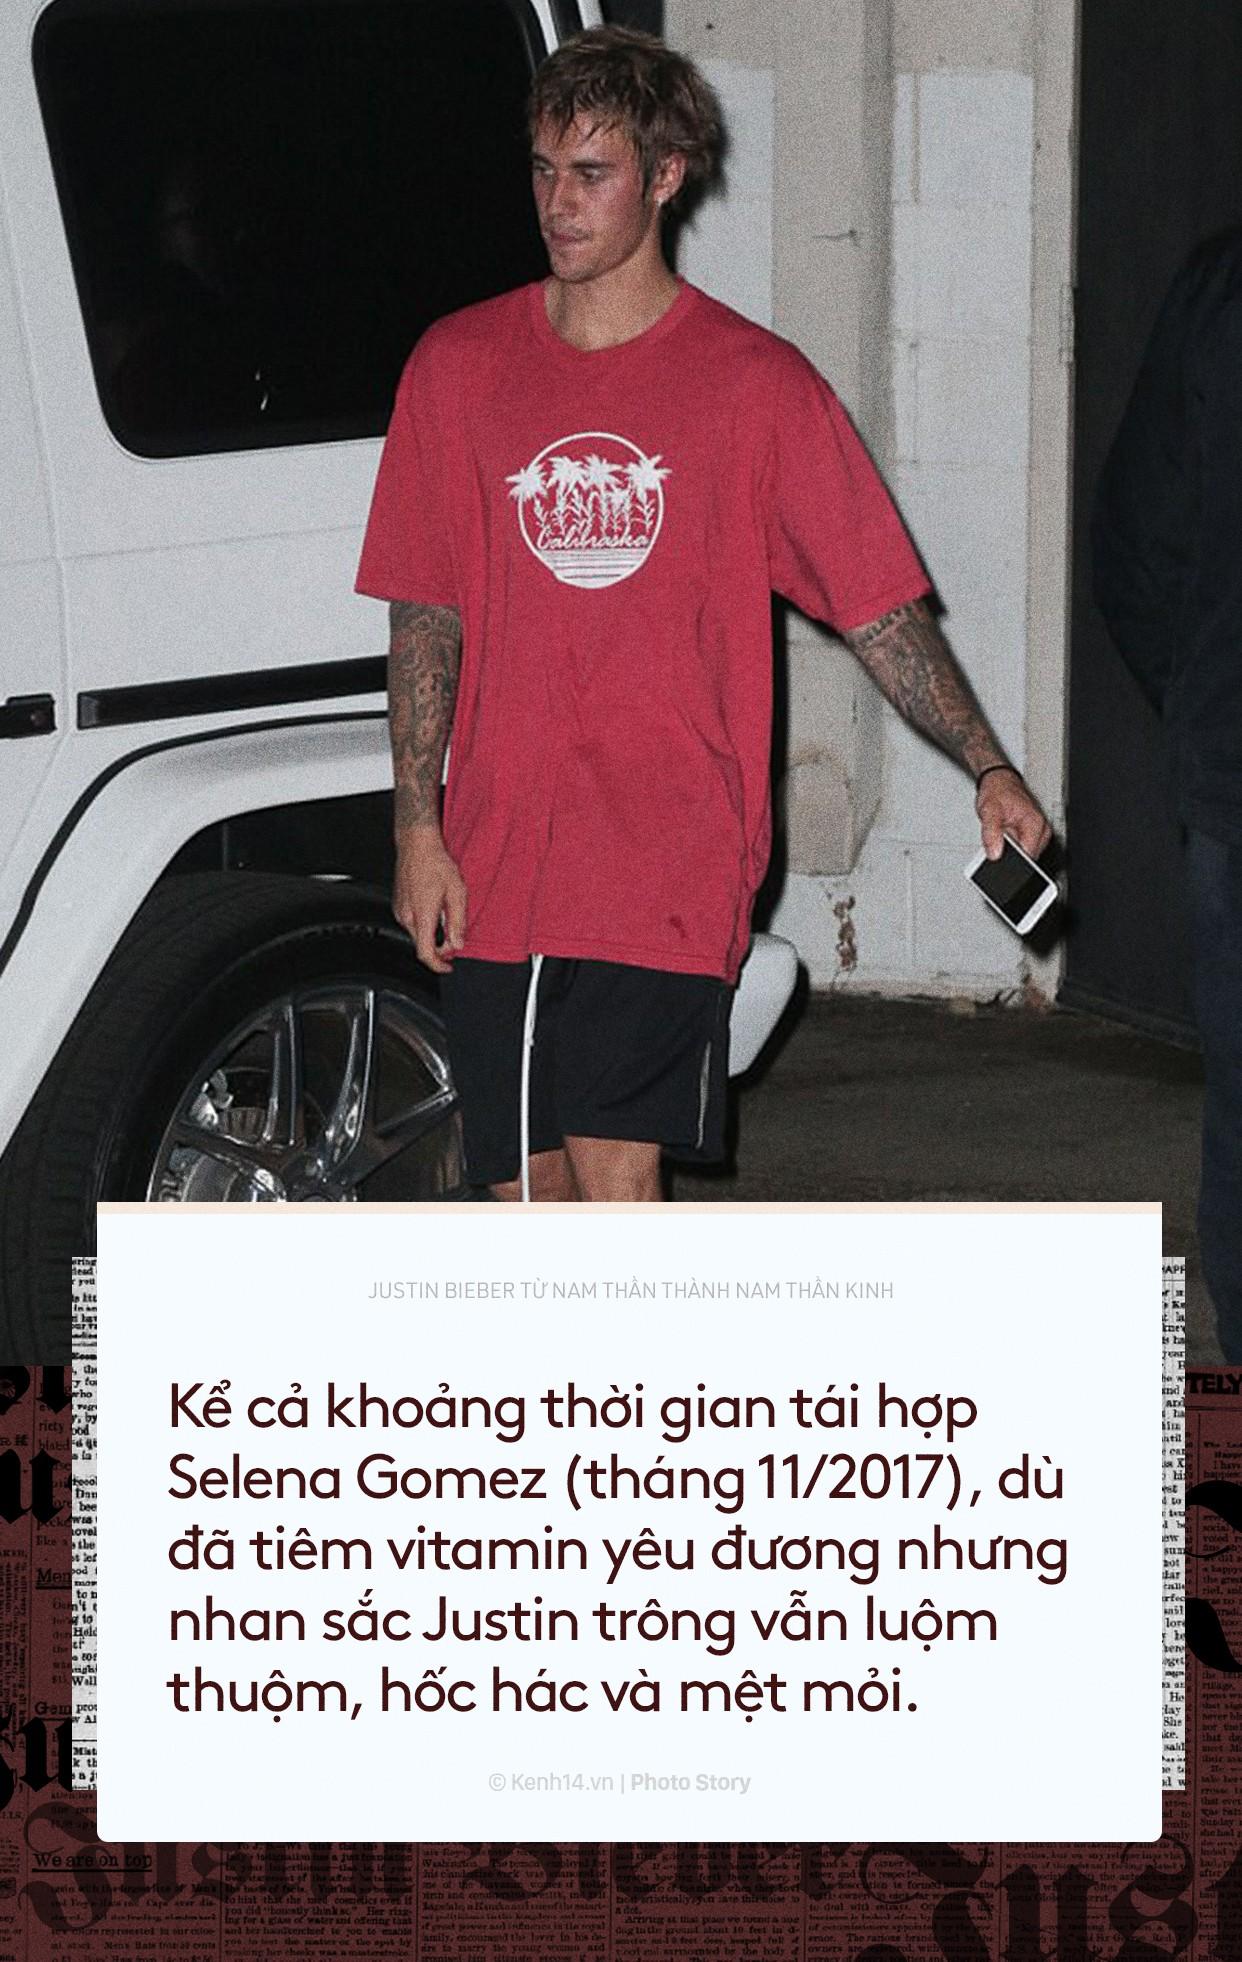 Nếu có ước muốn cho cuộc đời này, hãy nhớ ước muốn cho Justin Bieber đẹp trai trở lại - Ảnh 9.